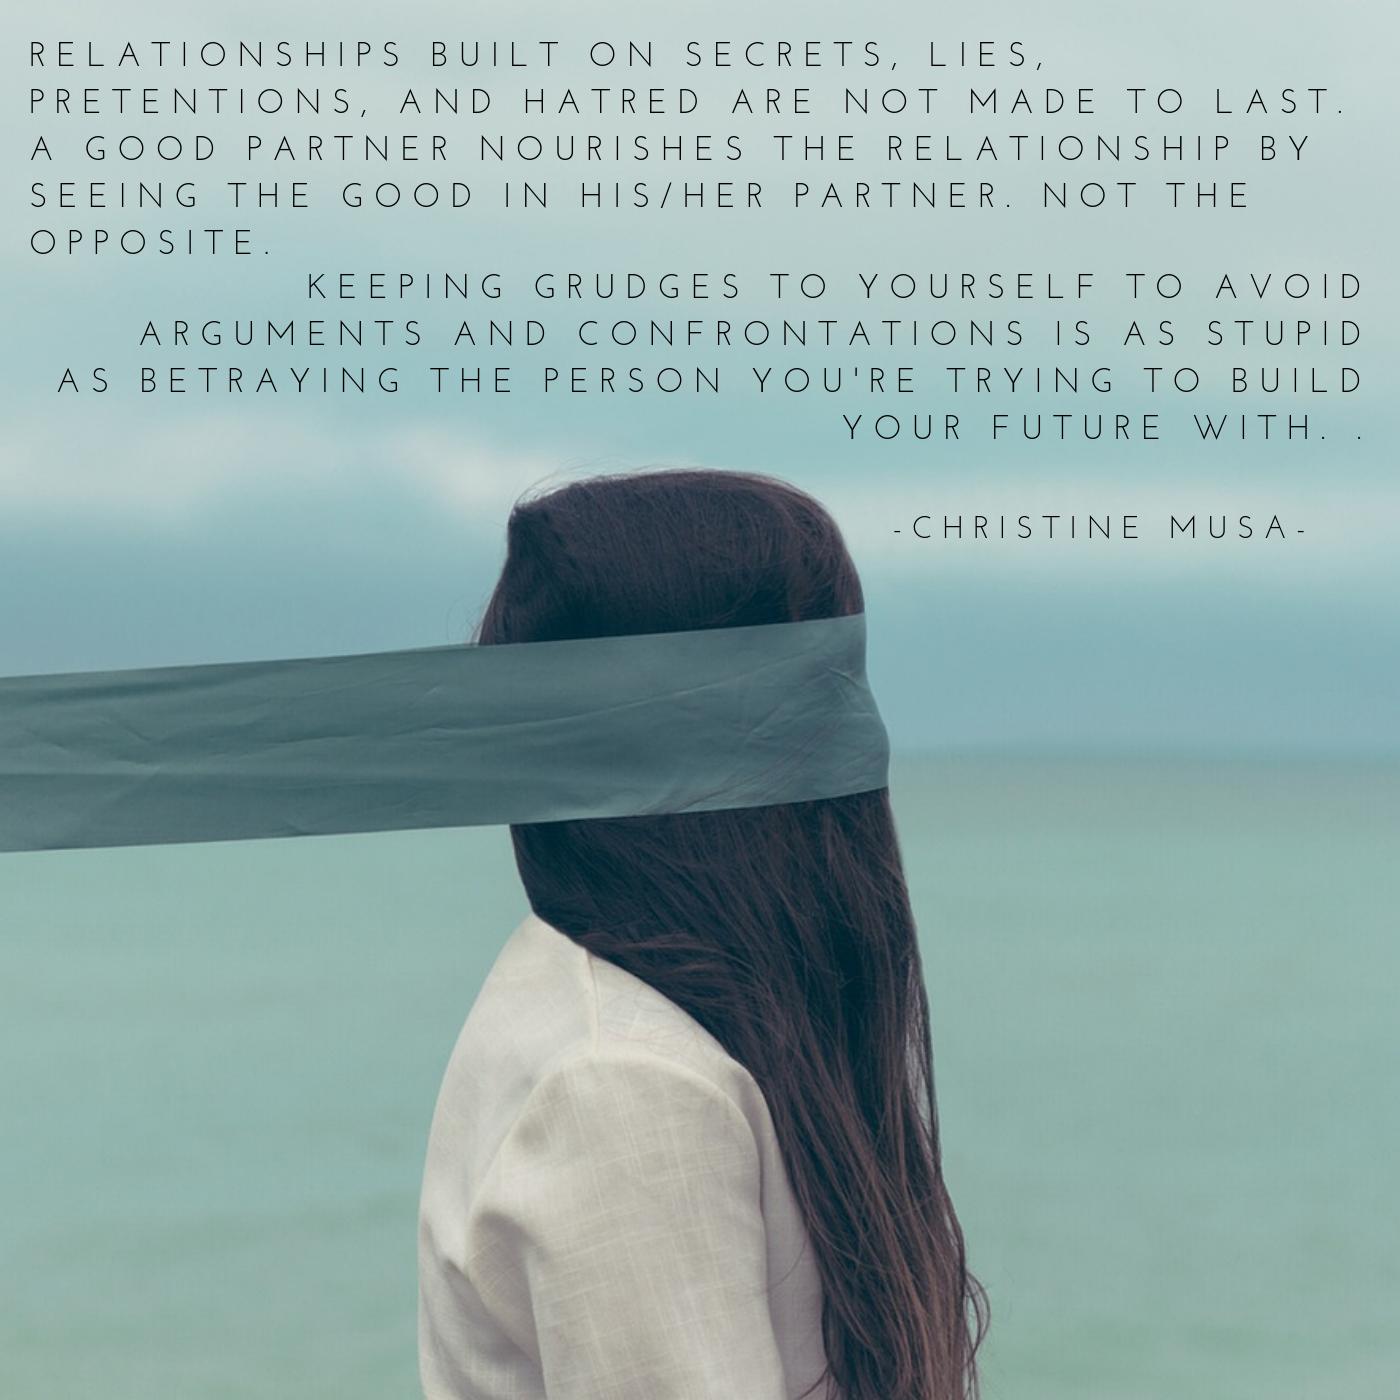 Relationships Built on Secrets